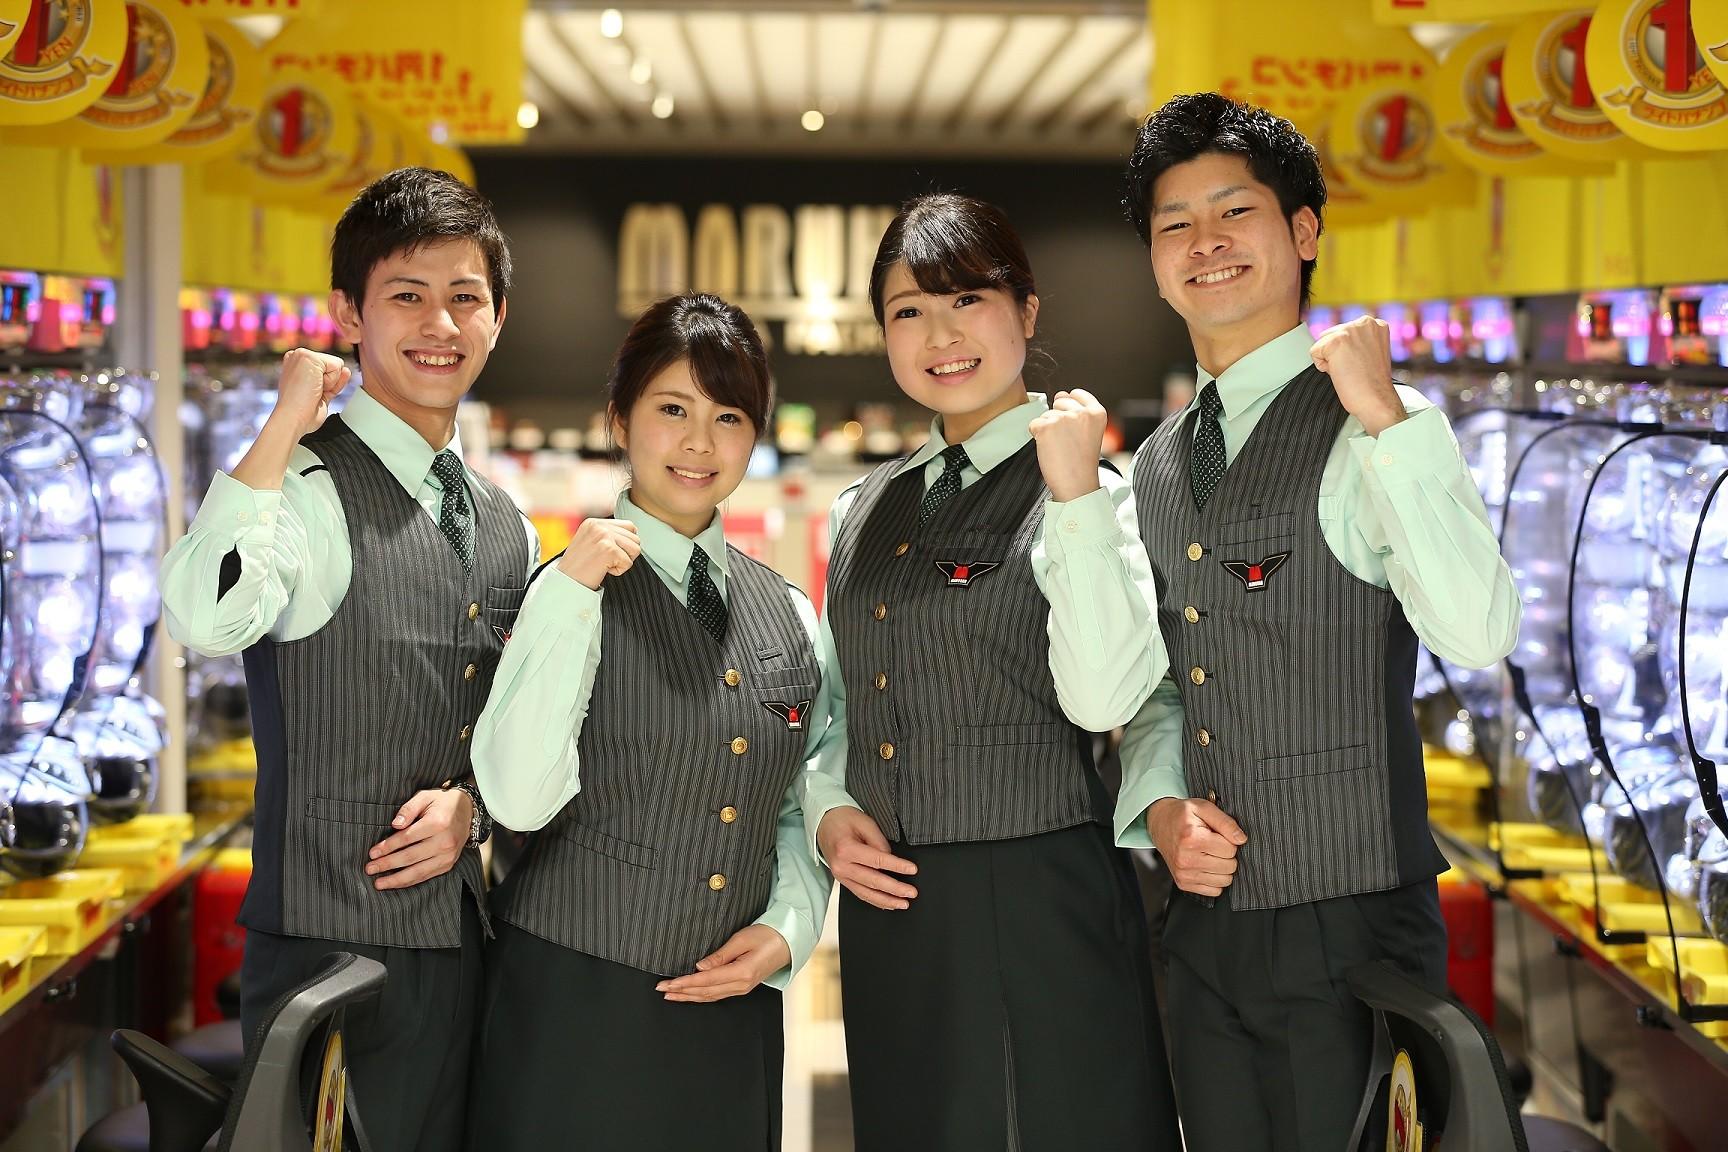 マルハン 八尾泉店[2817]のアルバイト情報